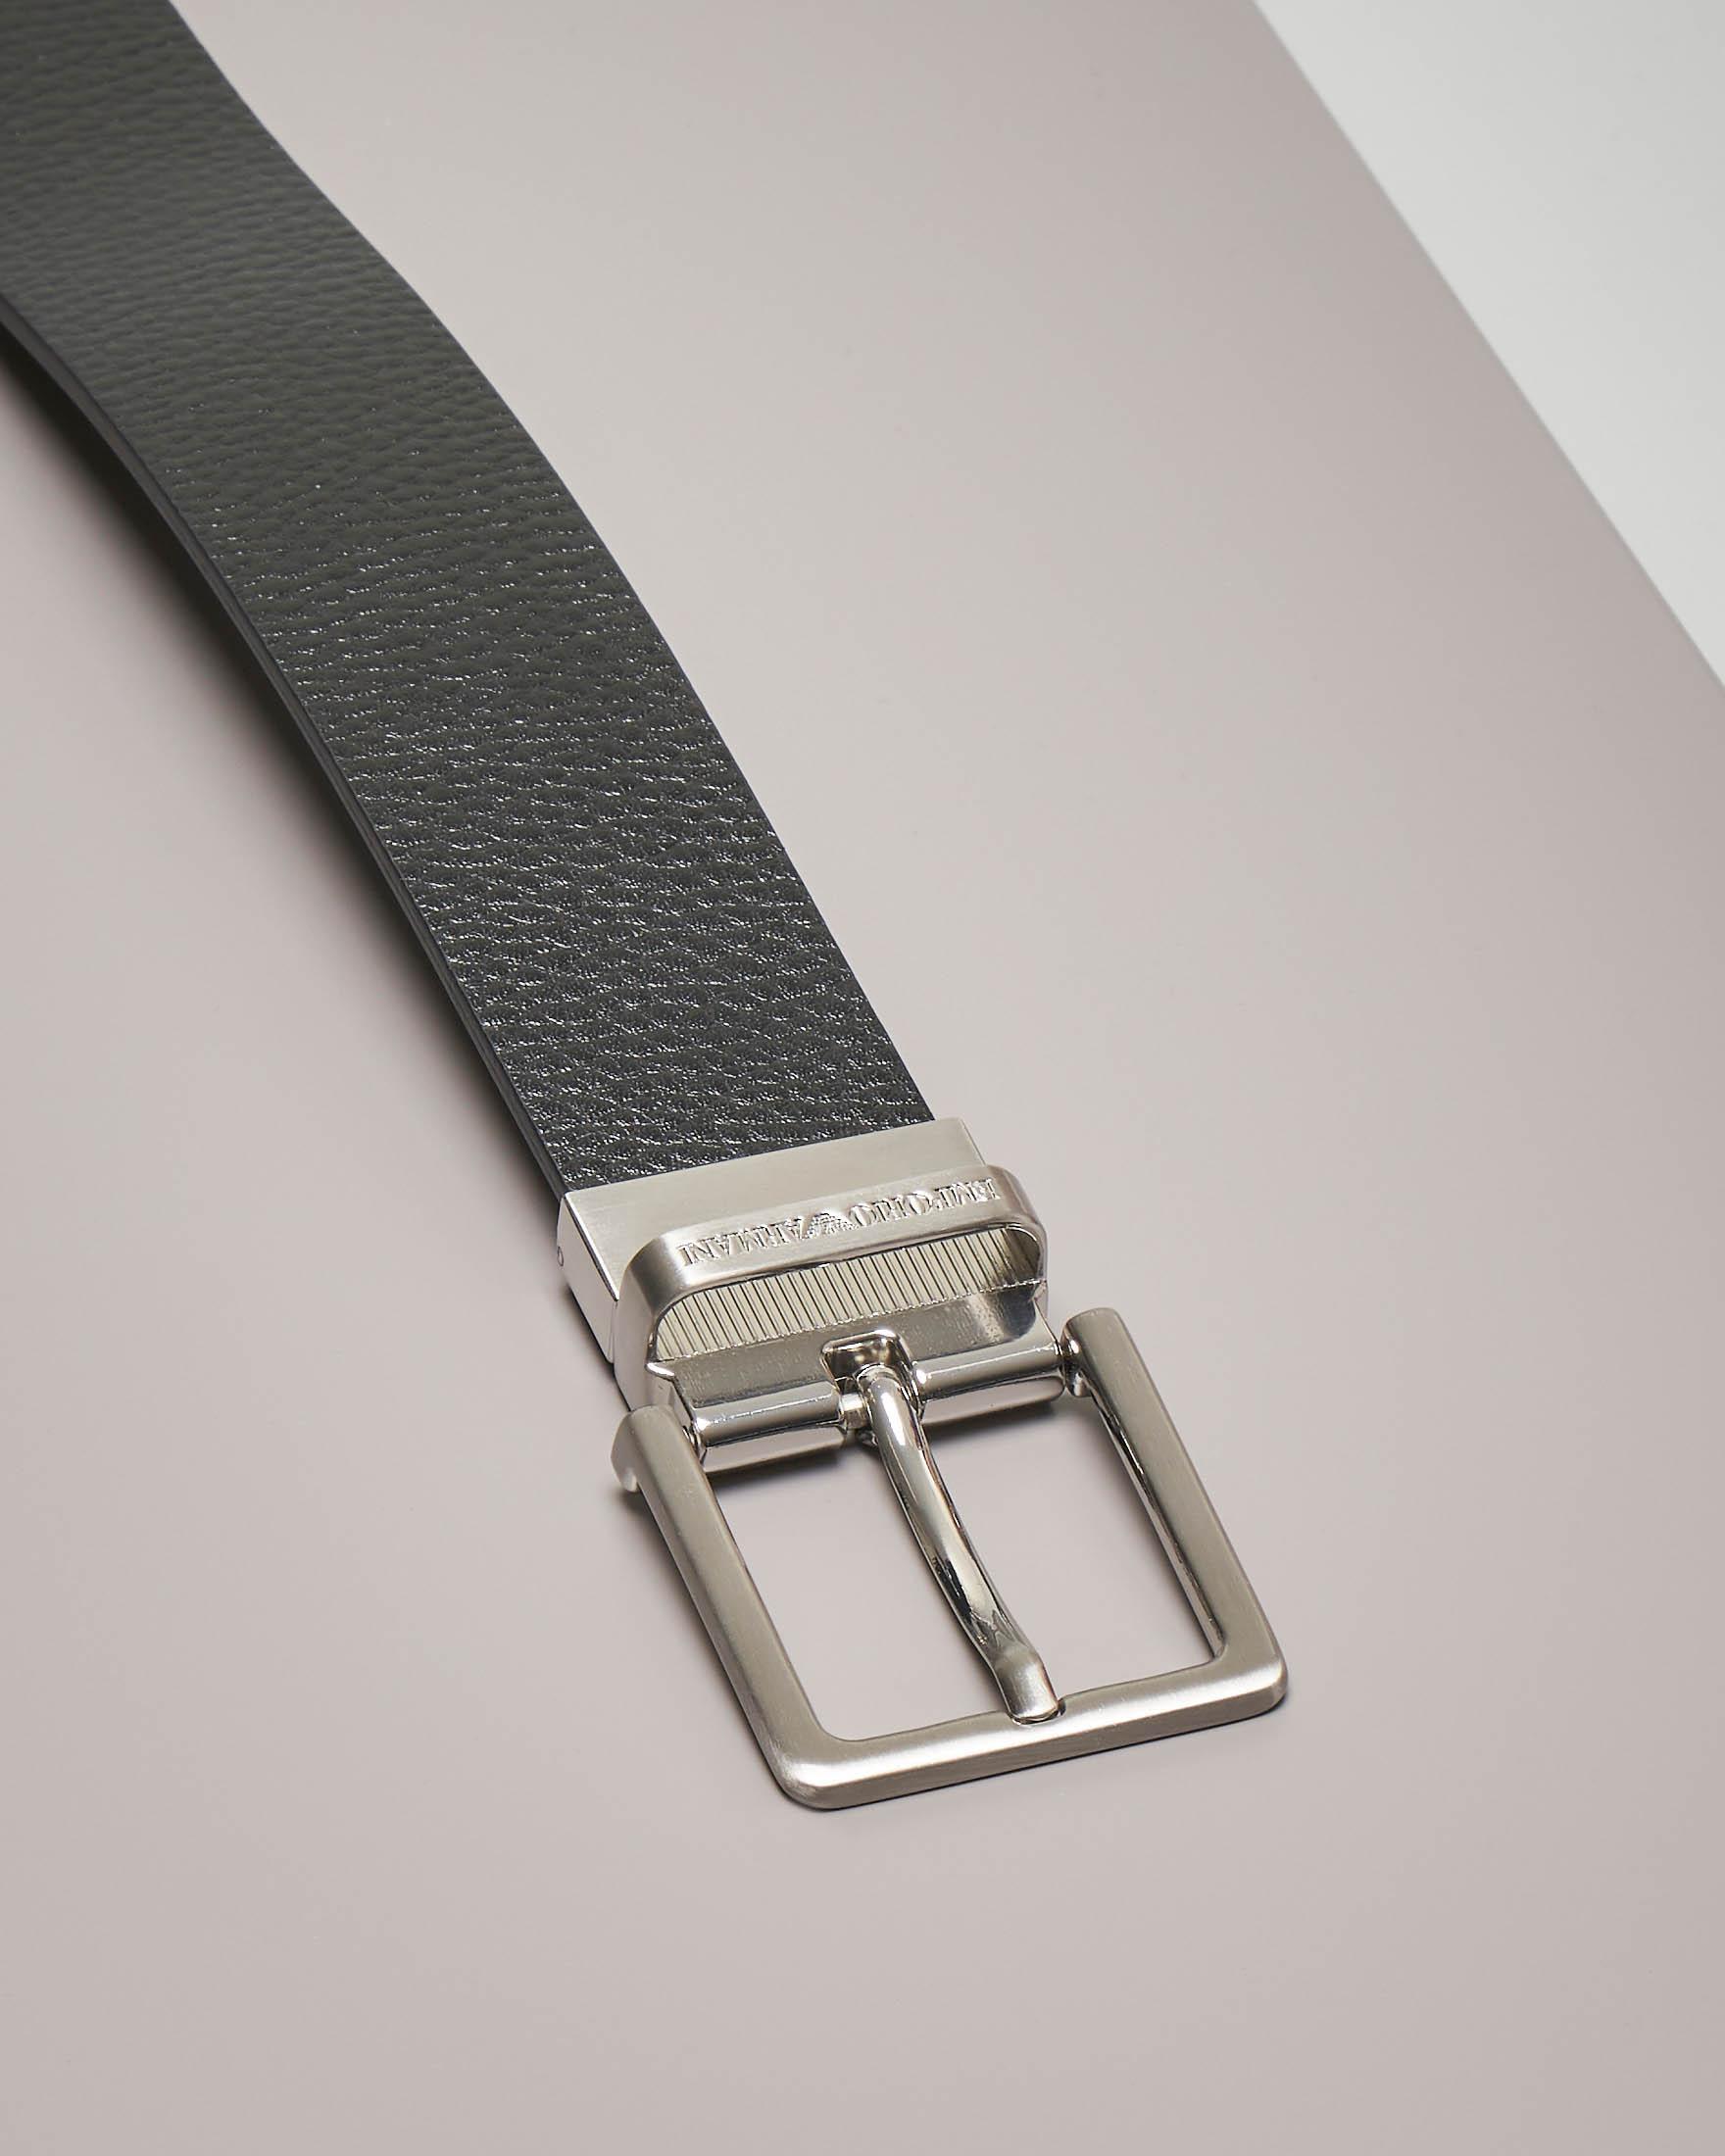 Cintura nera in pelle martellata reversibile in pelle liscia con doppia fibbia intercambiabile.